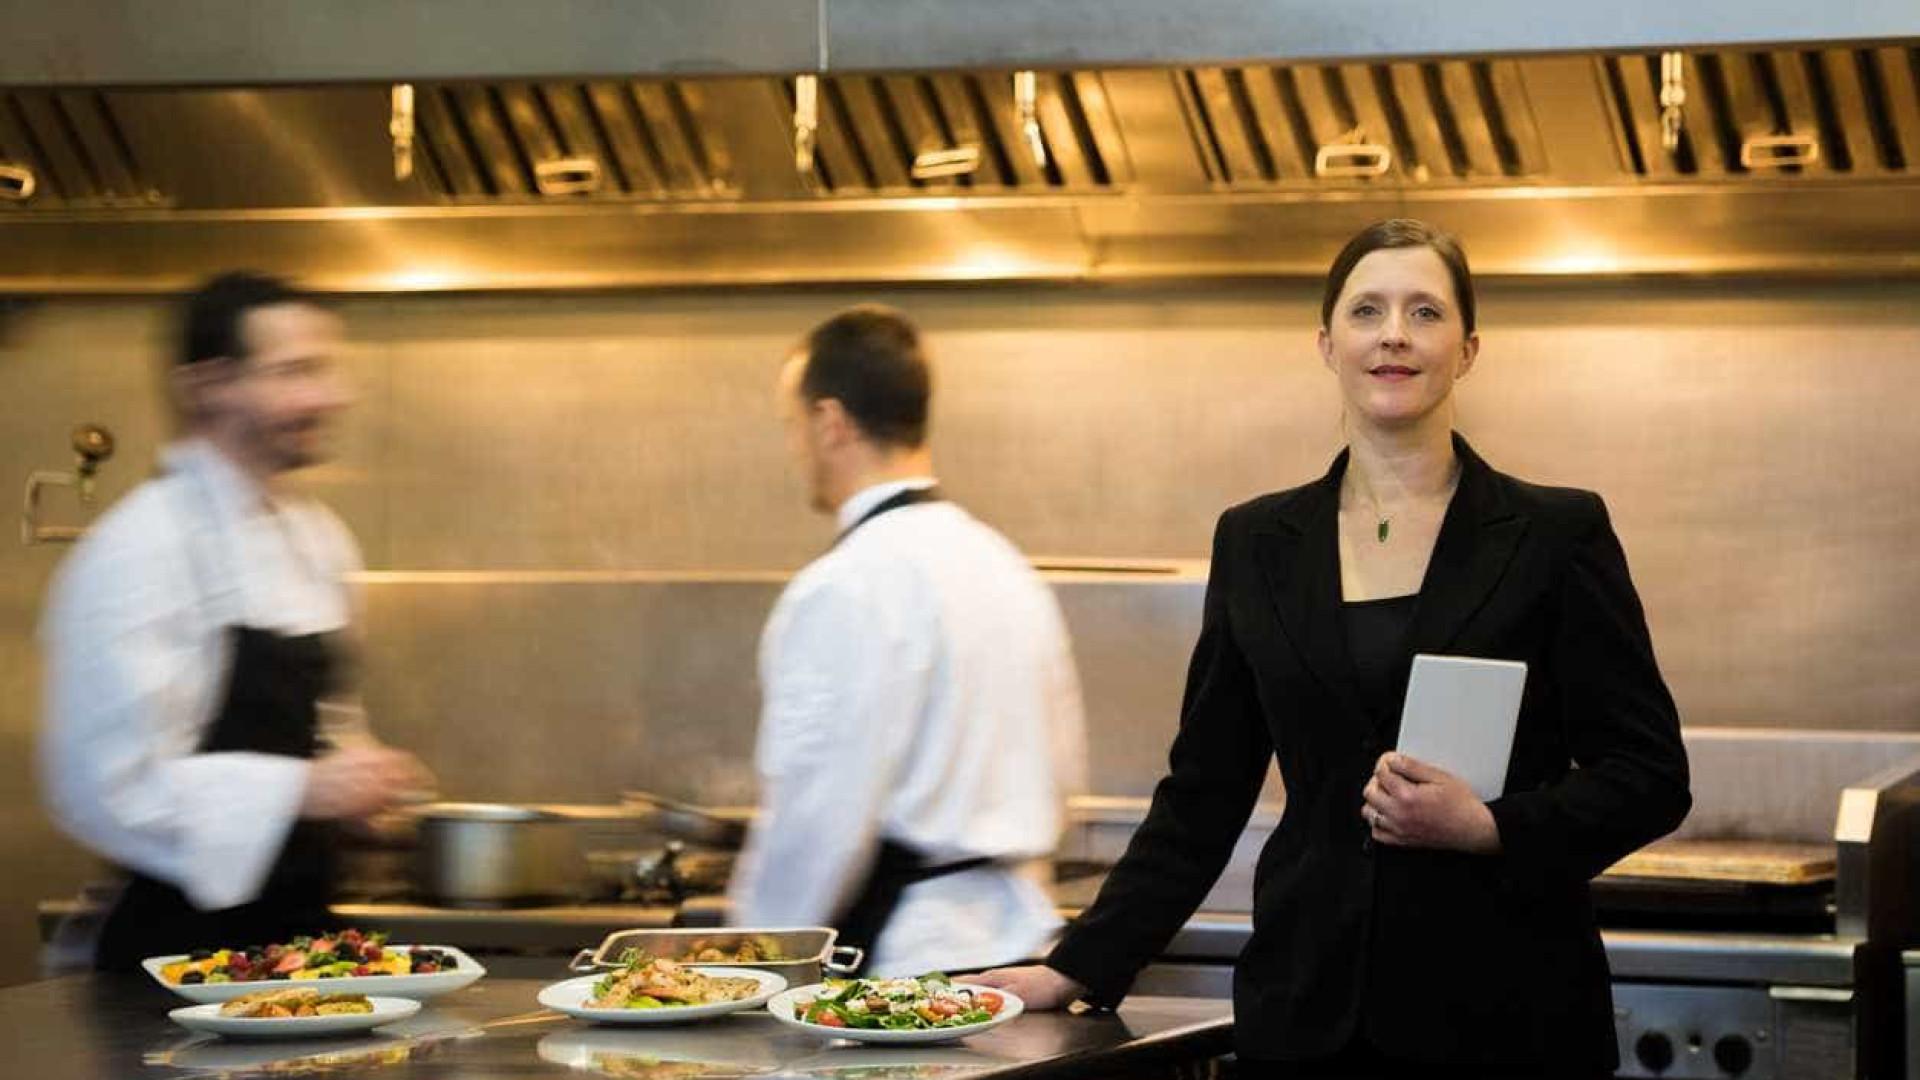 Jovens, há 100 vagas em hotelaria e turismo nos EUA